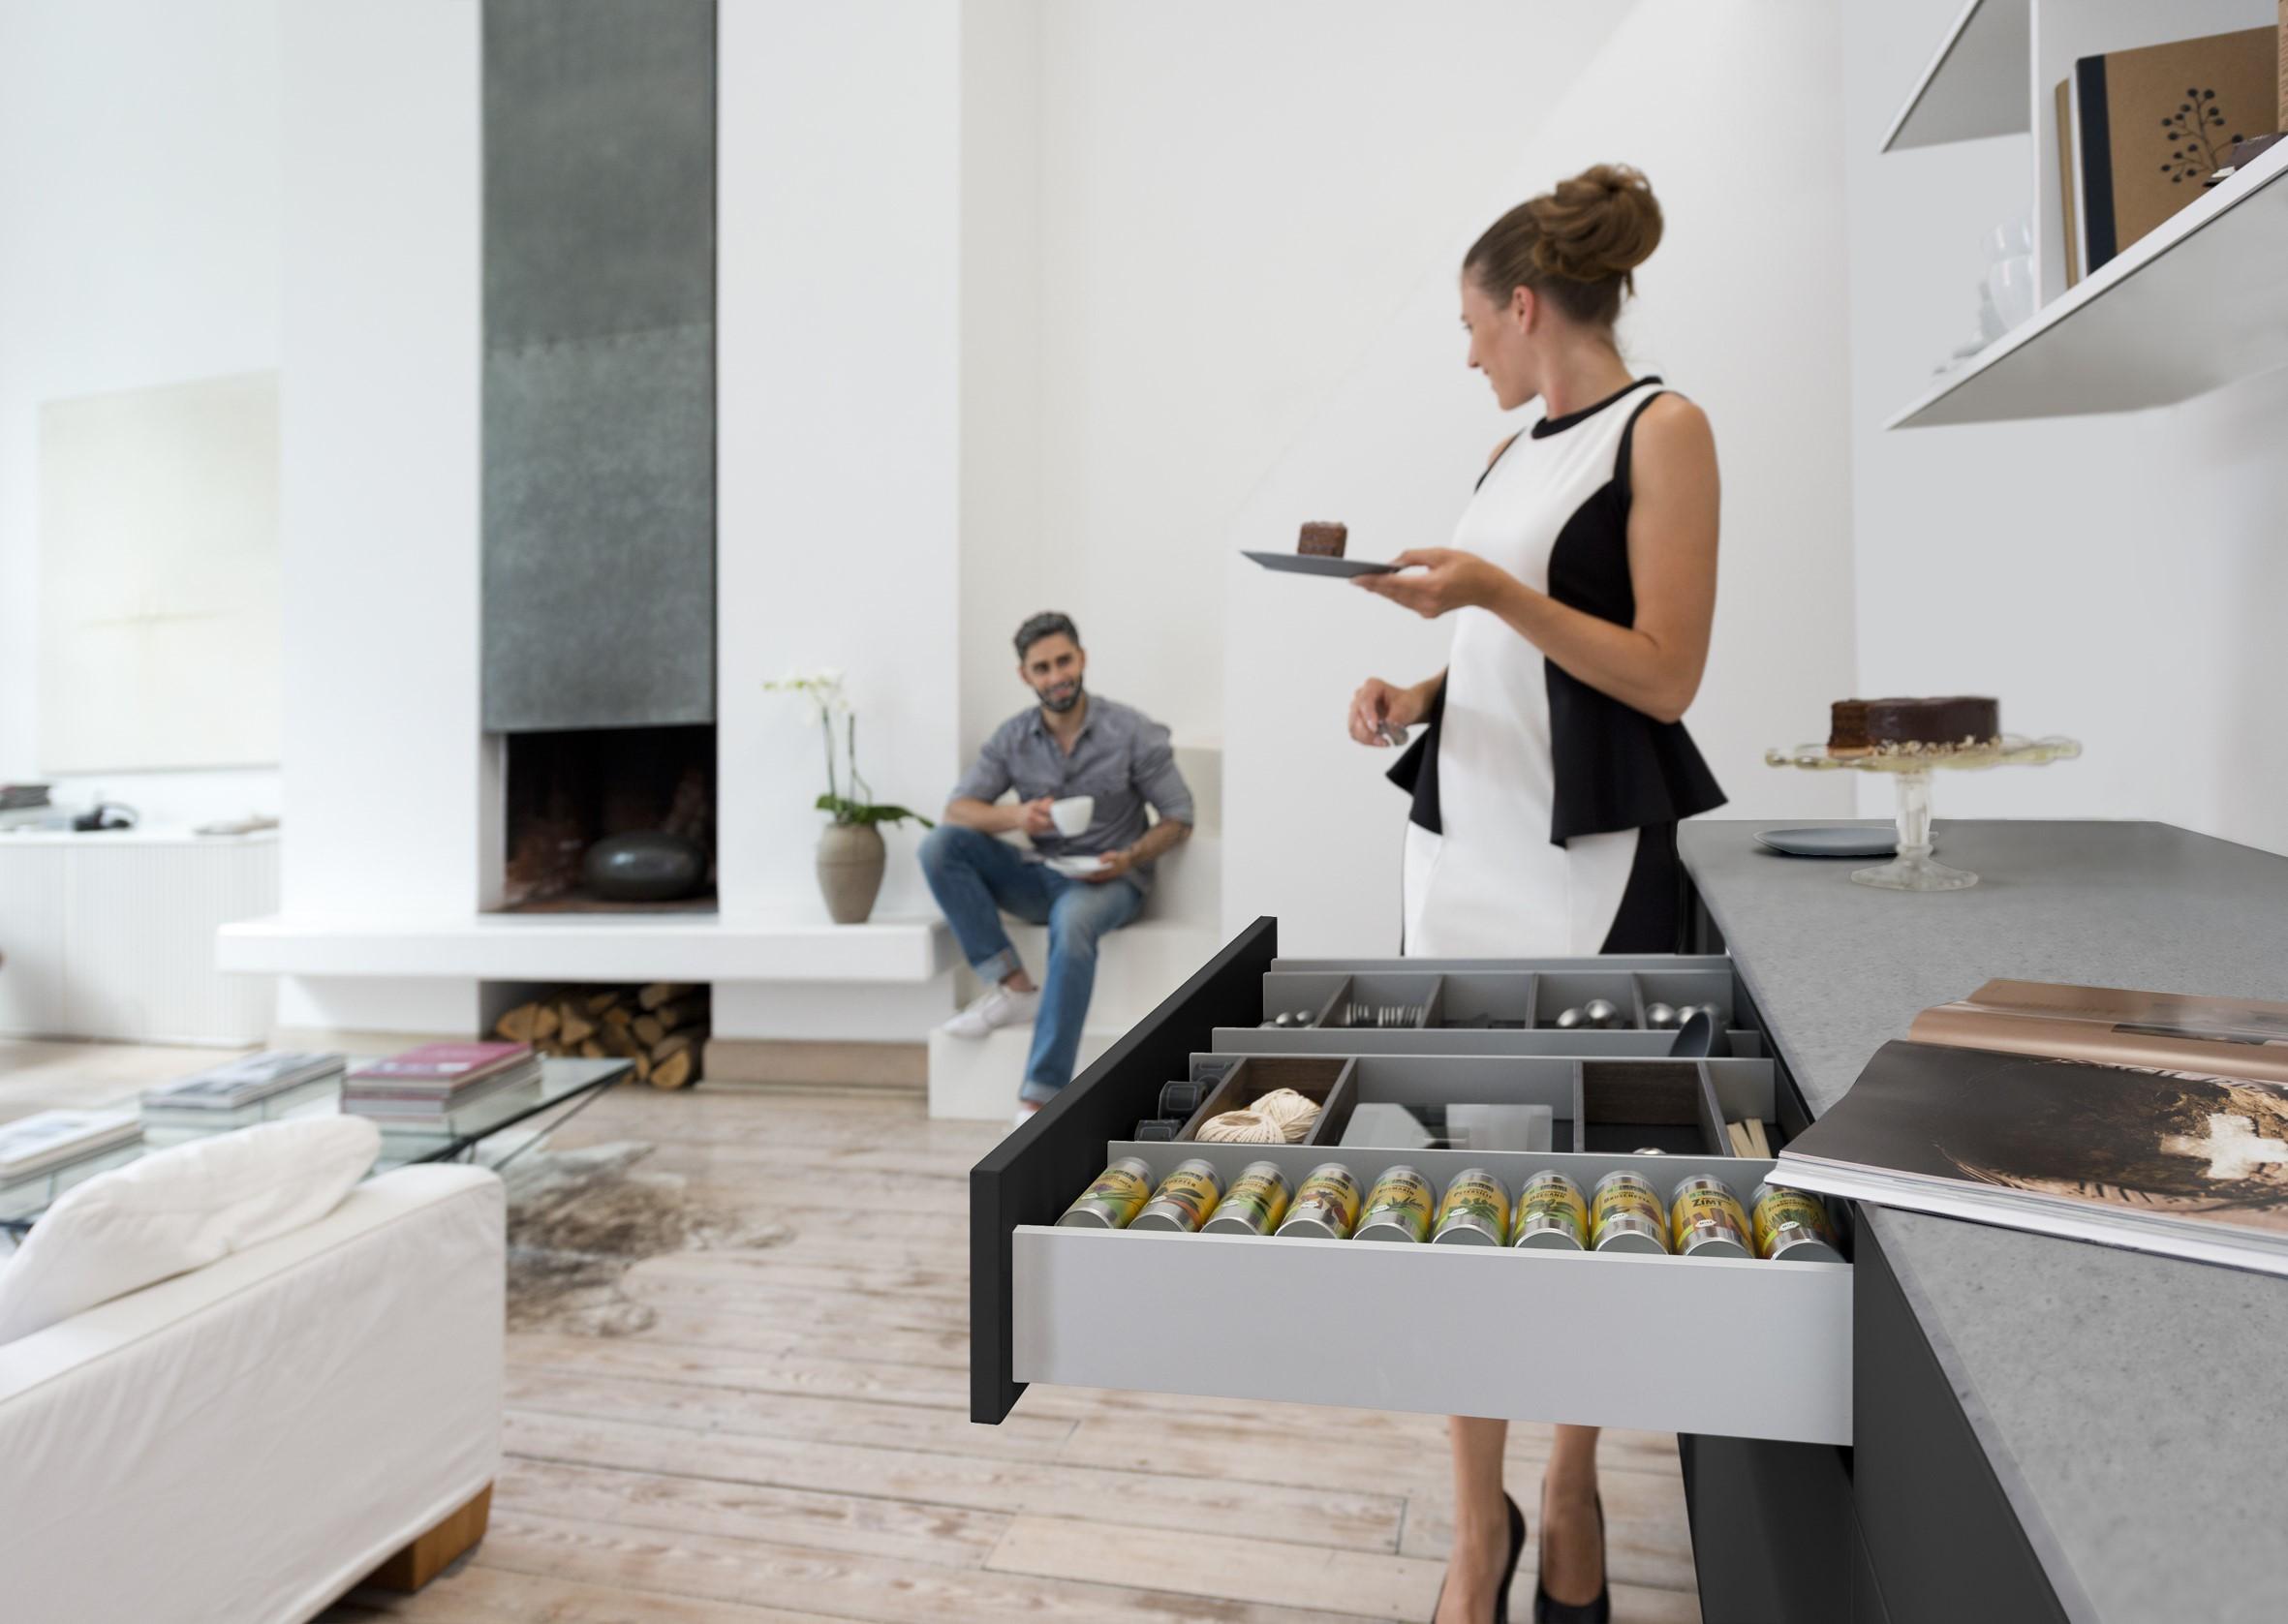 amk kueche 2018 trends und entwicklungen 4. Black Bedroom Furniture Sets. Home Design Ideas